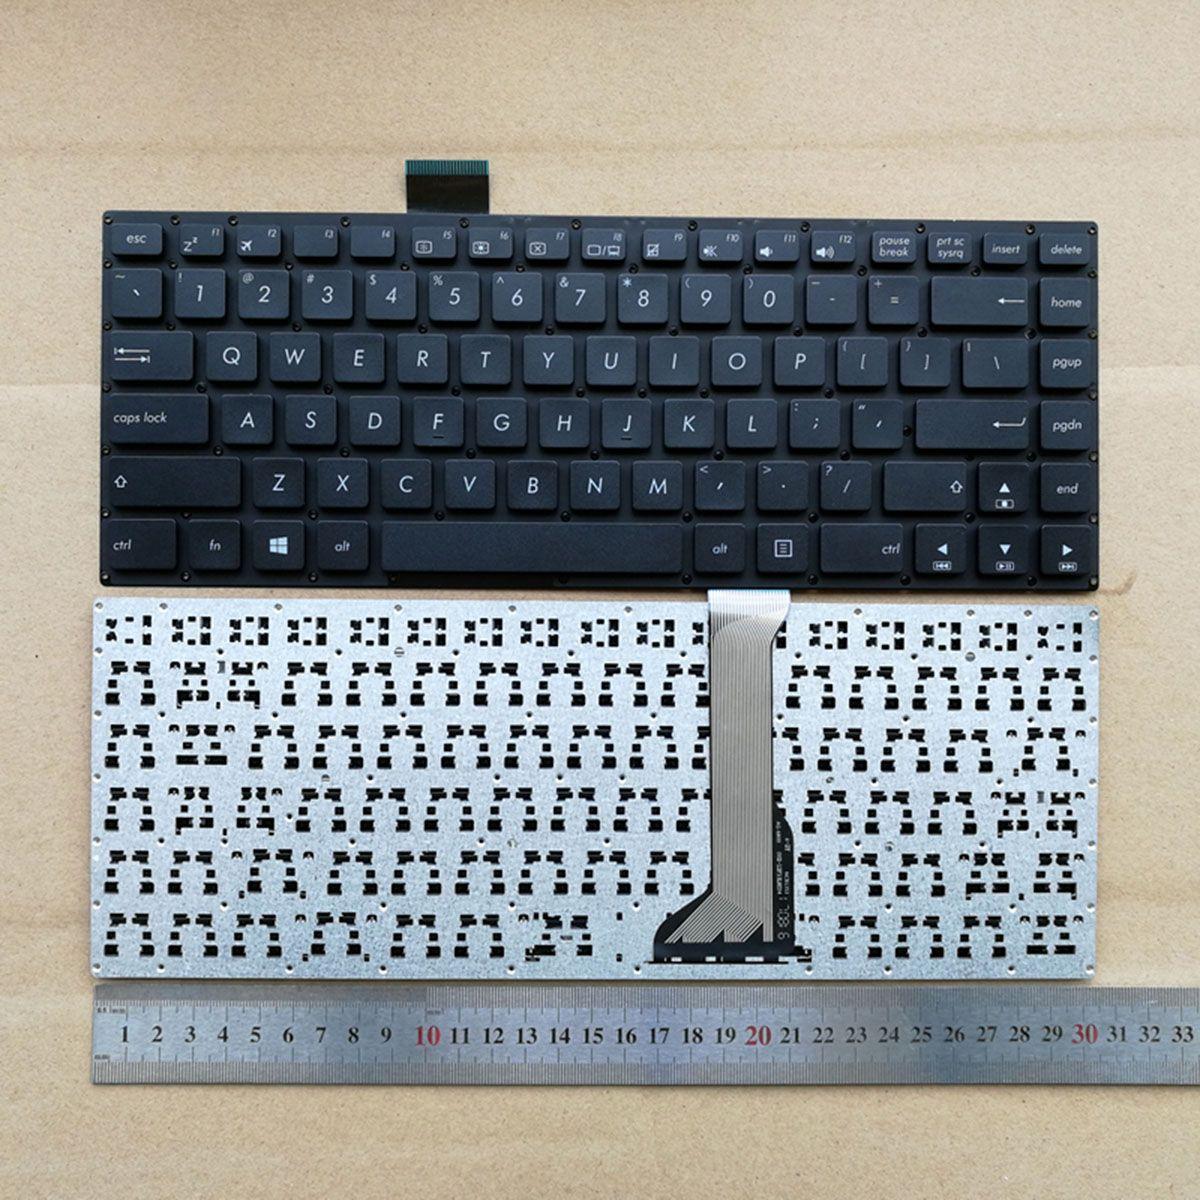 NOVO Inglês teclado portátil para teclado ASUS E402 E402M E402MA E402SA E402S E403SA E402N US Laptop Repair